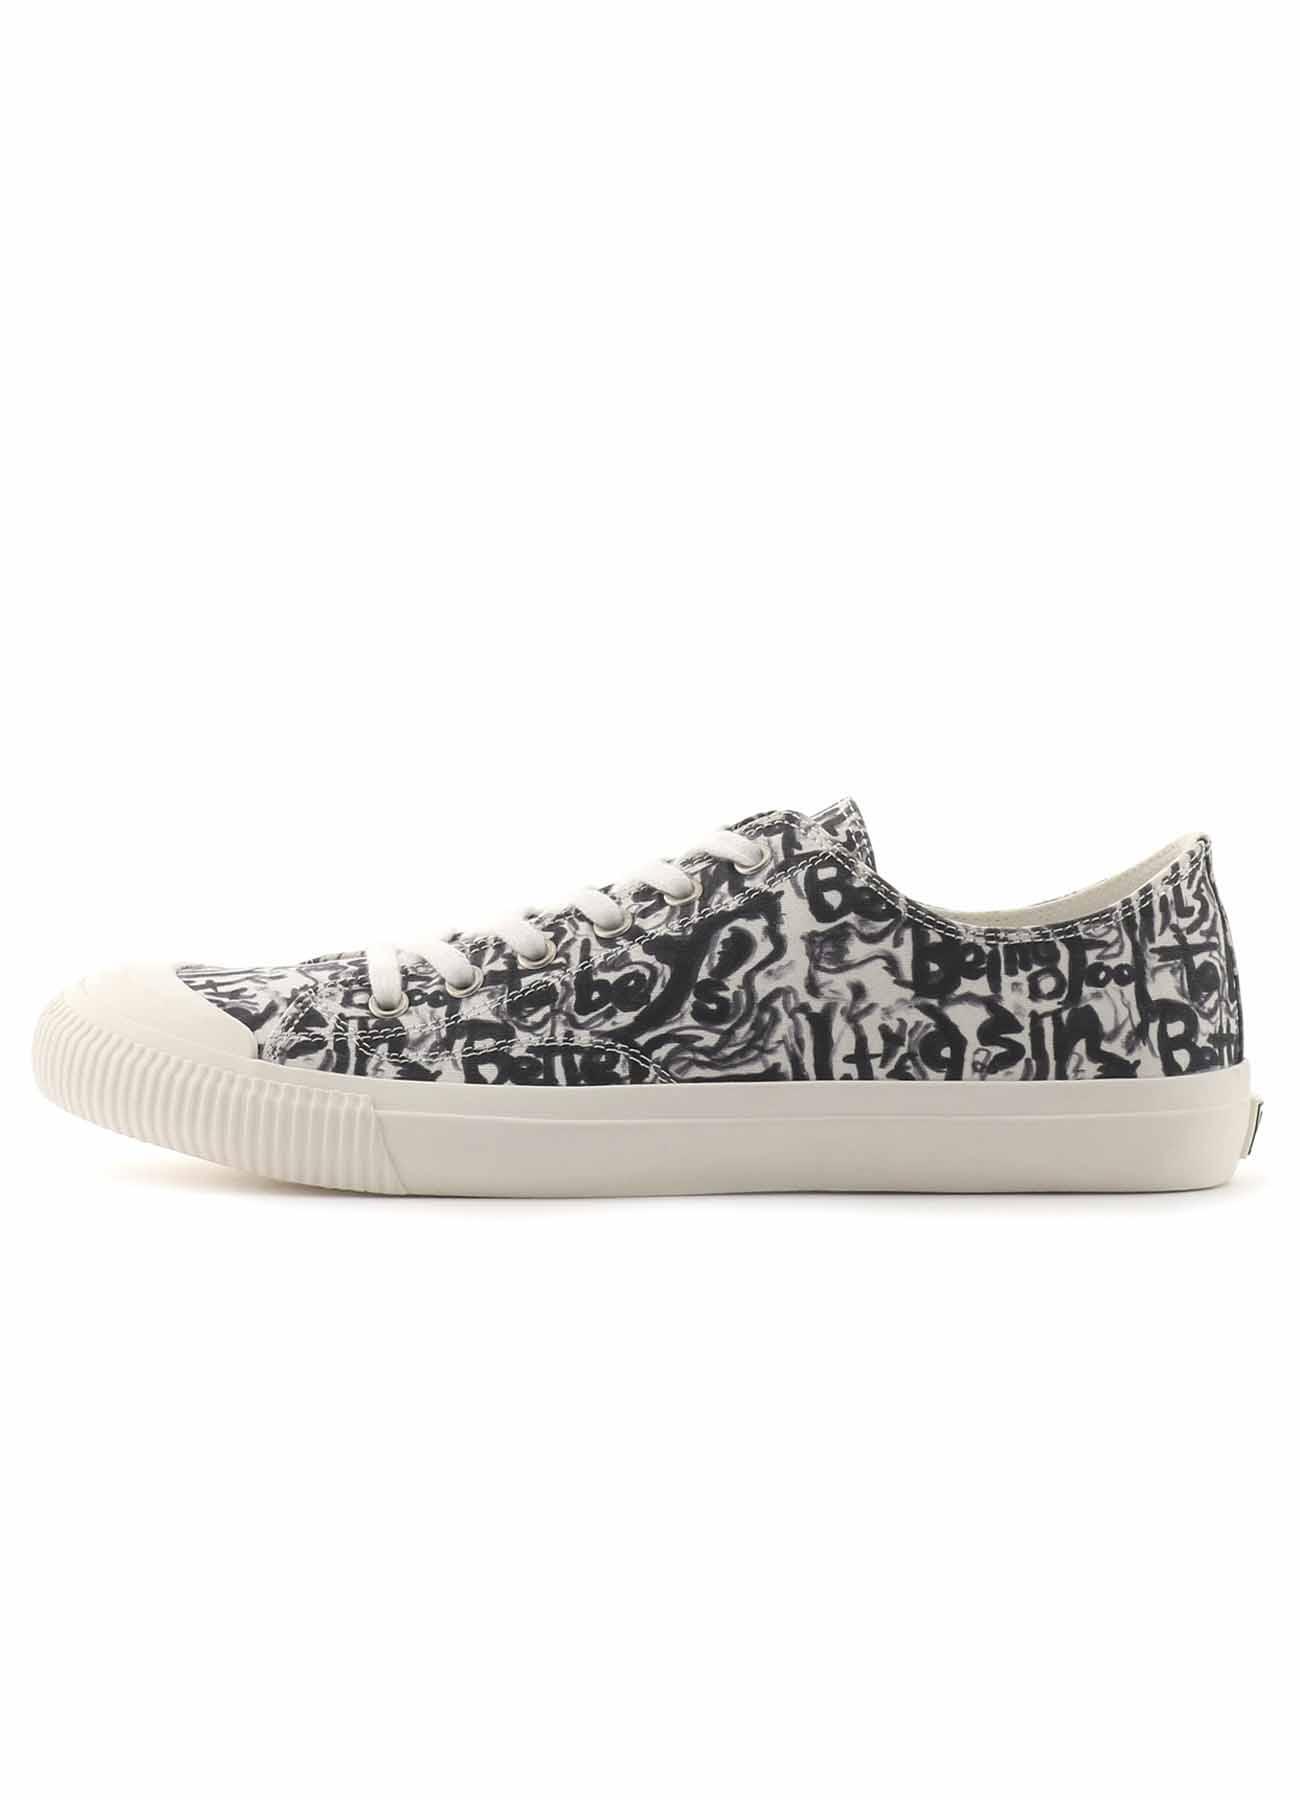 苏米(水墨画)运动鞋